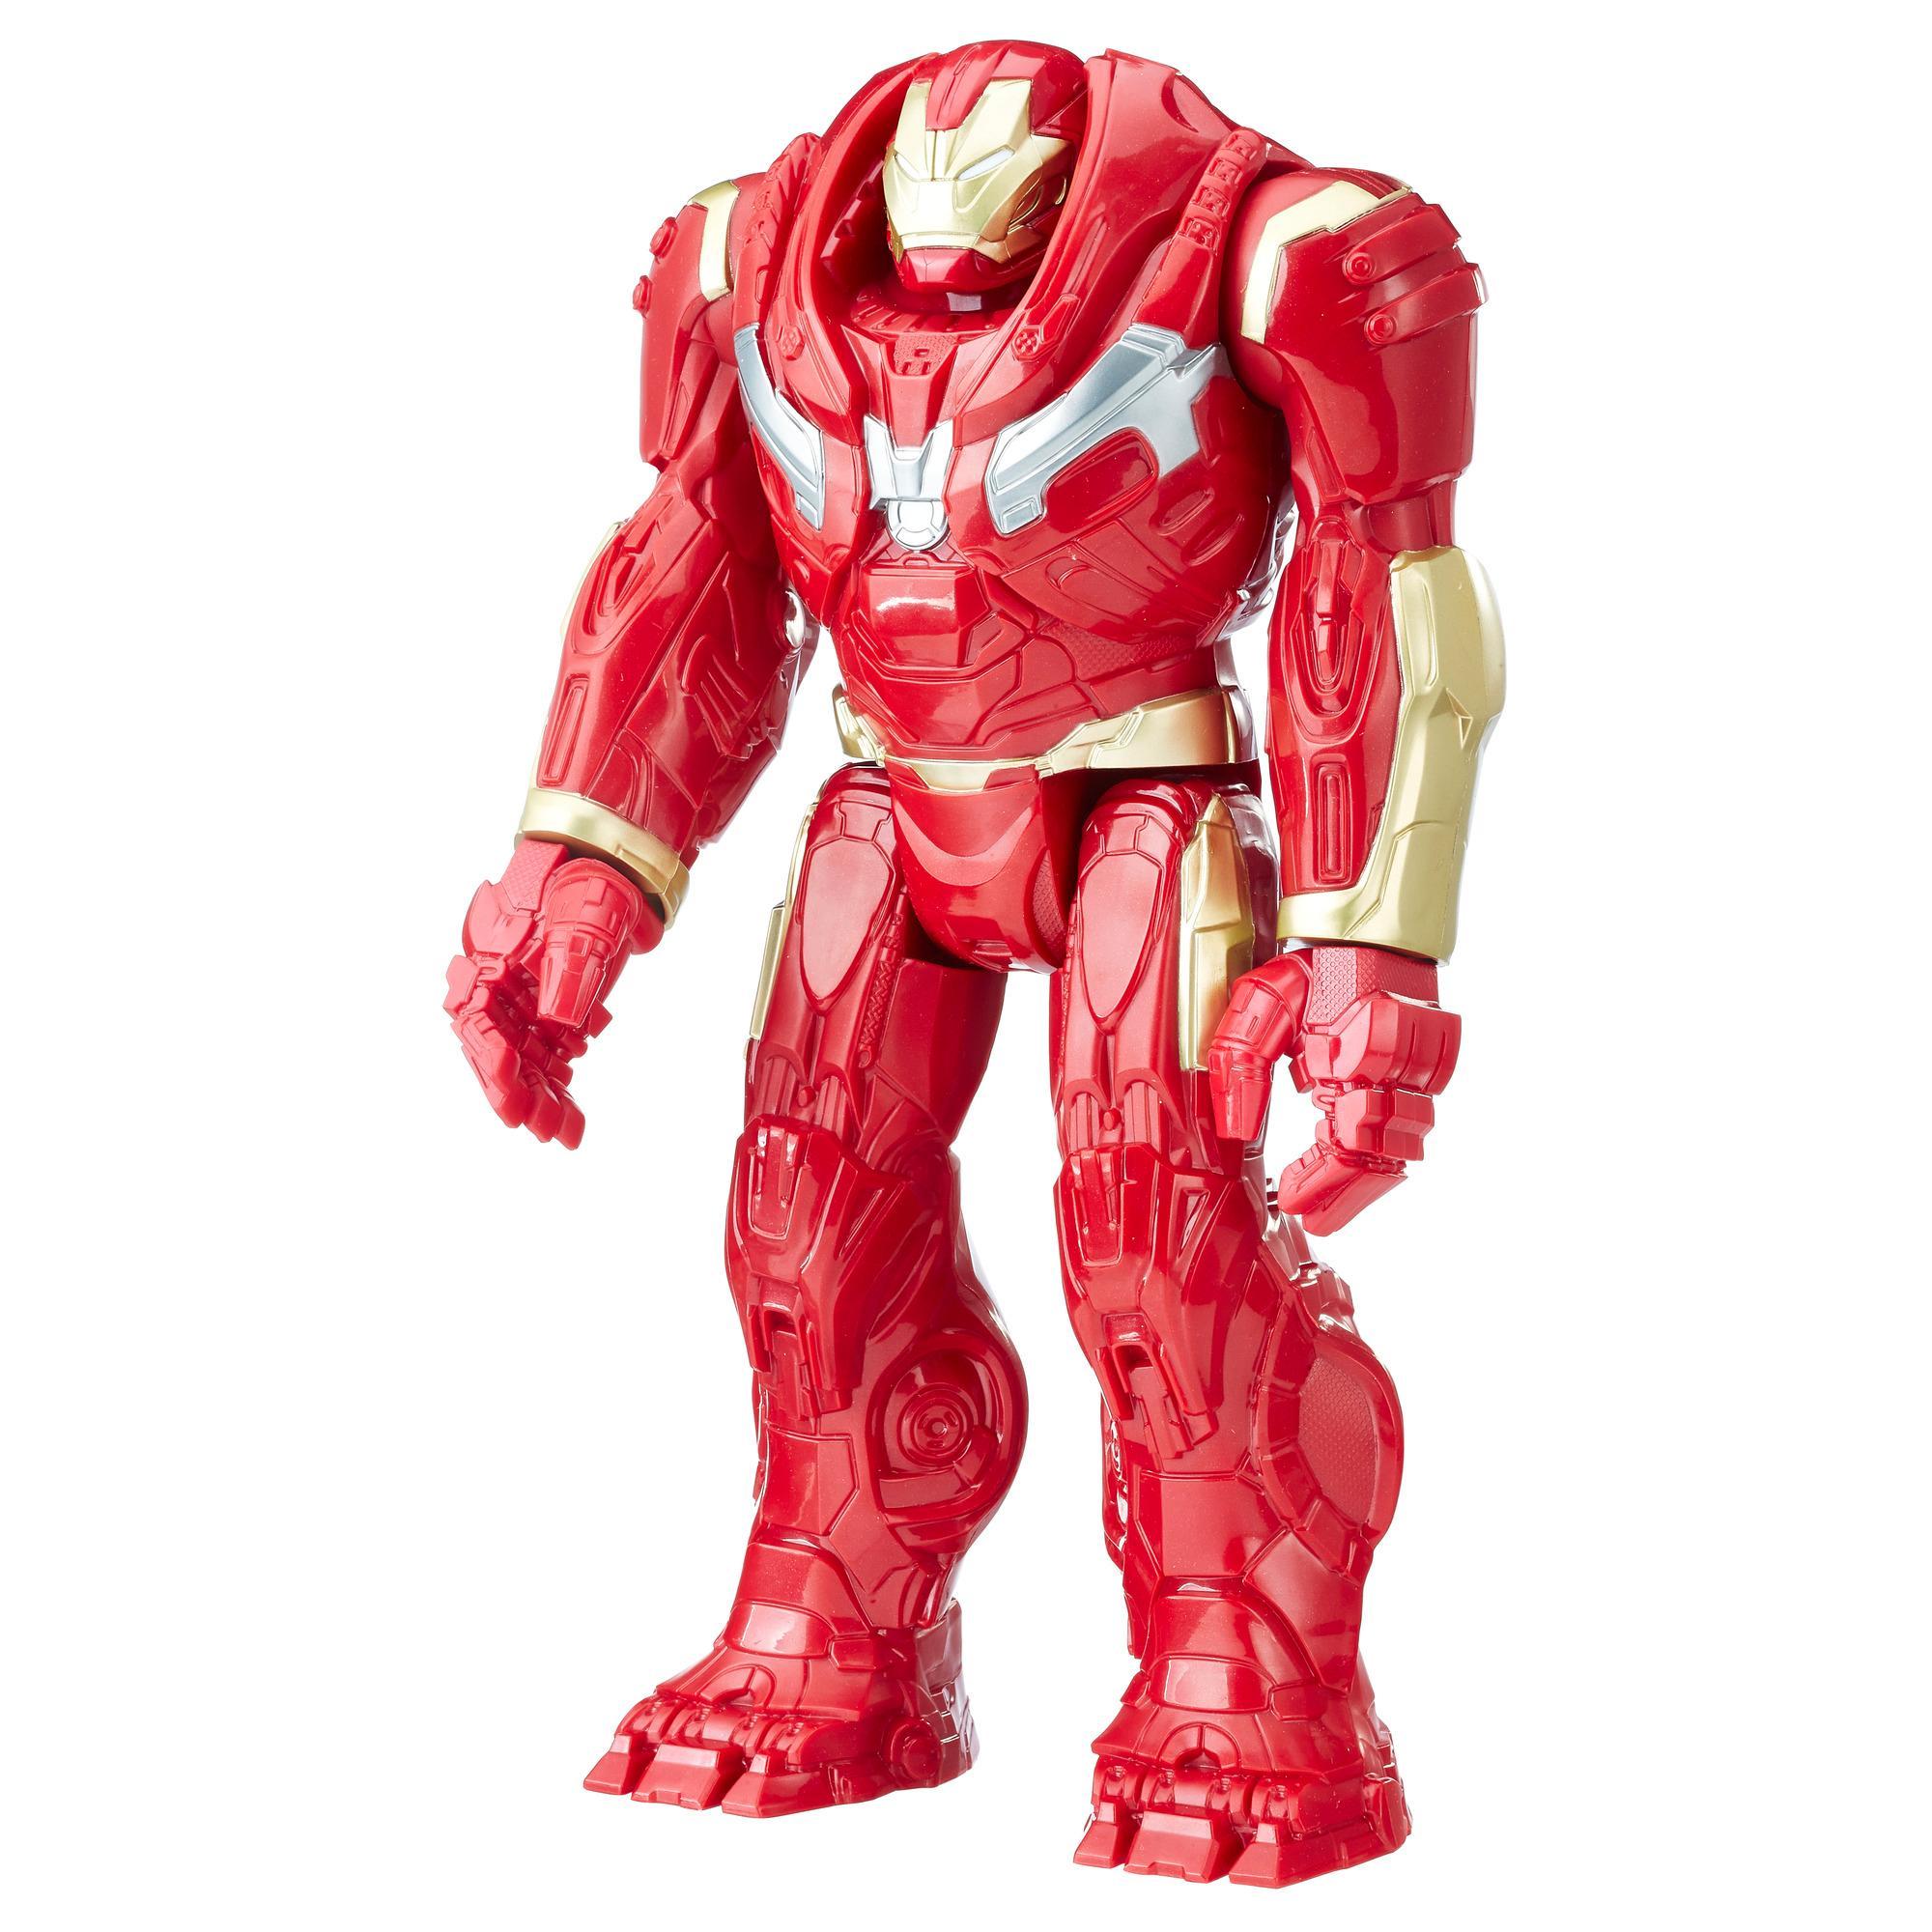 Avengers Titan Hero Power FX Hulk Buster